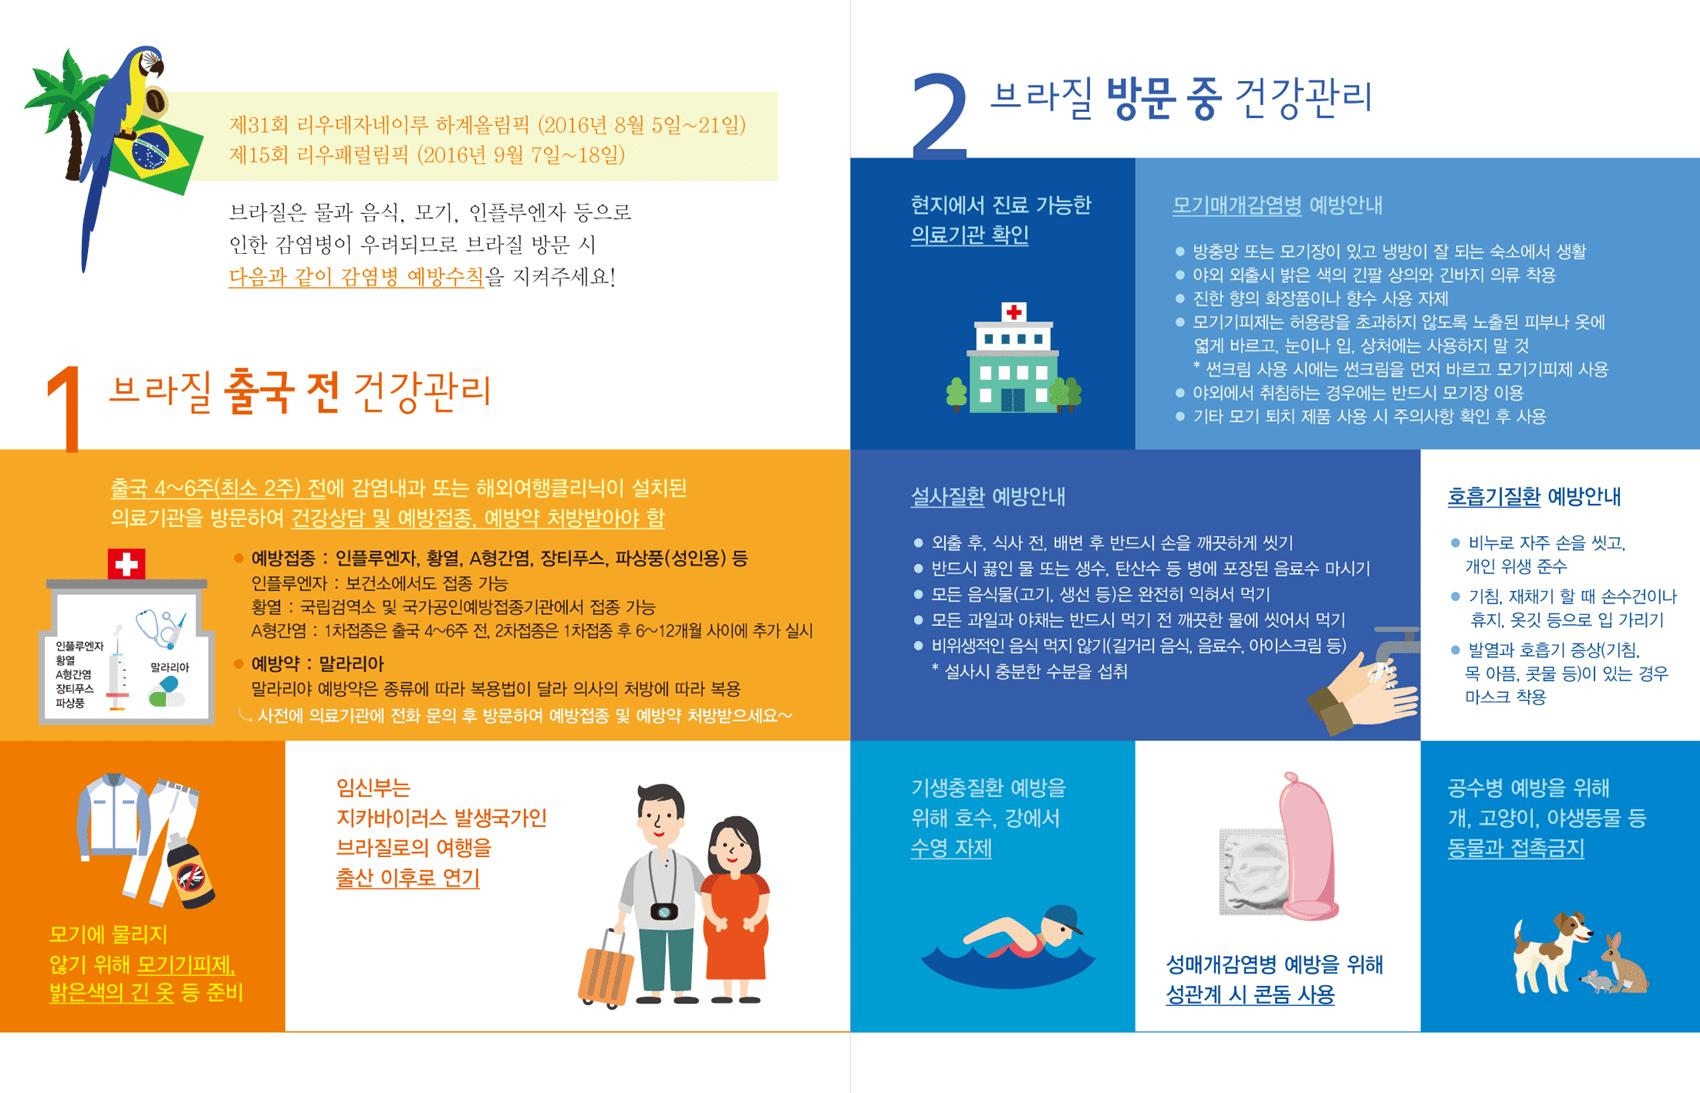 리우올림픽 감염병 예방수칙(뒤)-min.png